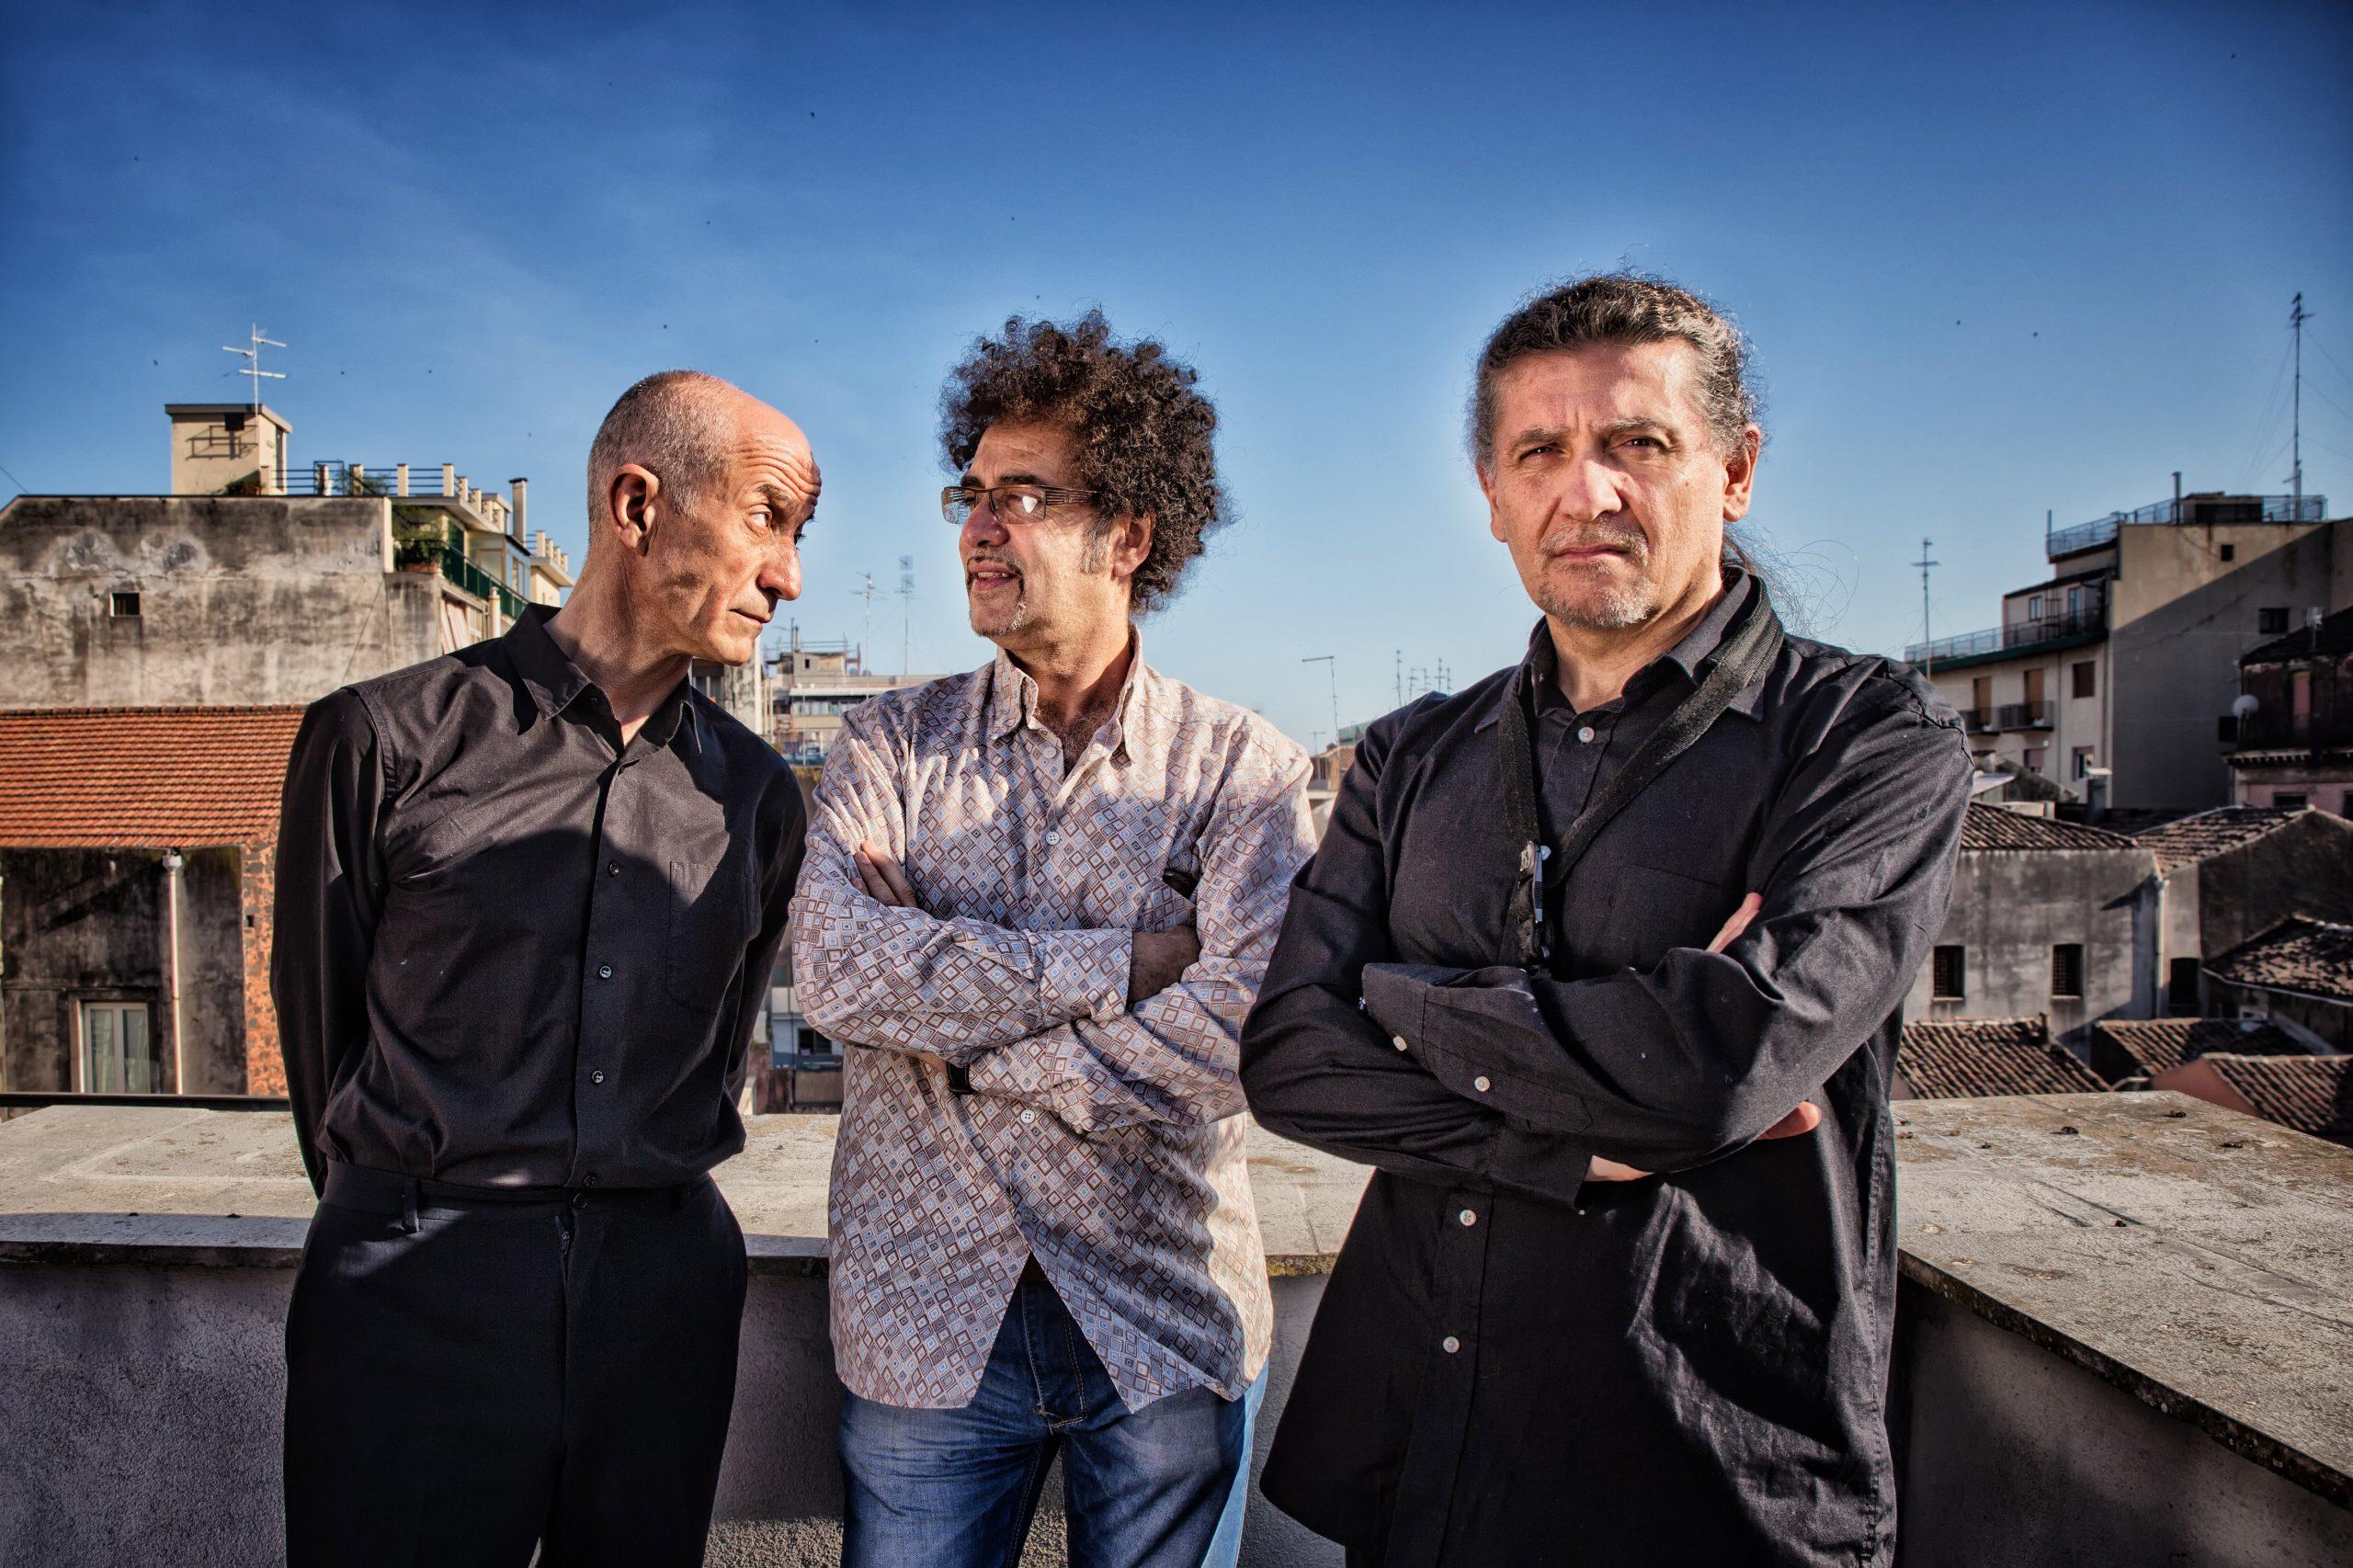 """Peppe Servillo, Girotto e Mangalavite in """"L'anno che verrà"""" Canzoni di Dalla"""